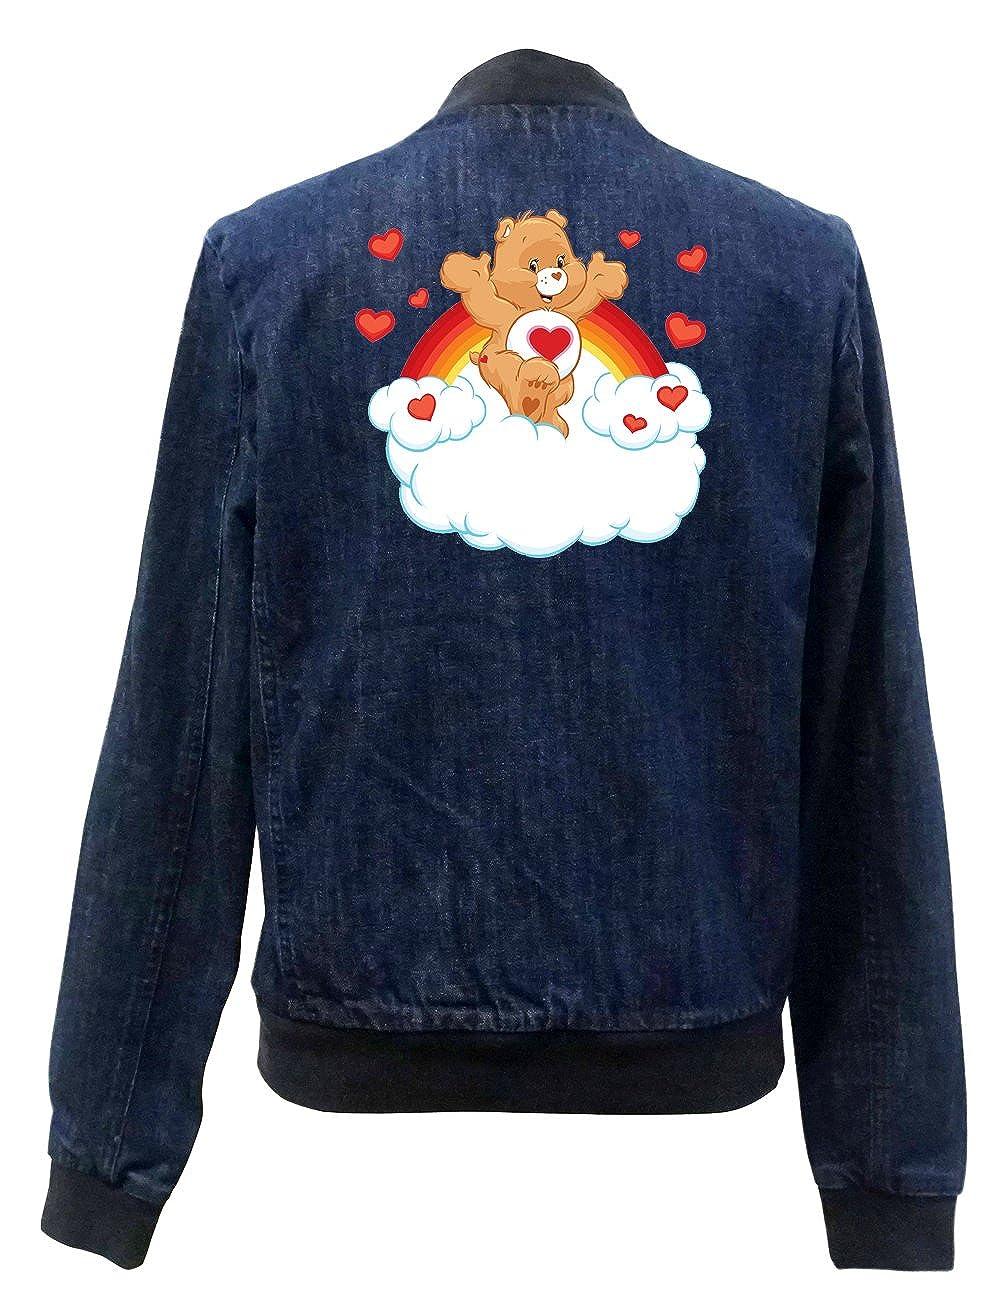 Certified Freak Heart Bear Bomber Chaqueta Jeans: Amazon.es: Ropa ...